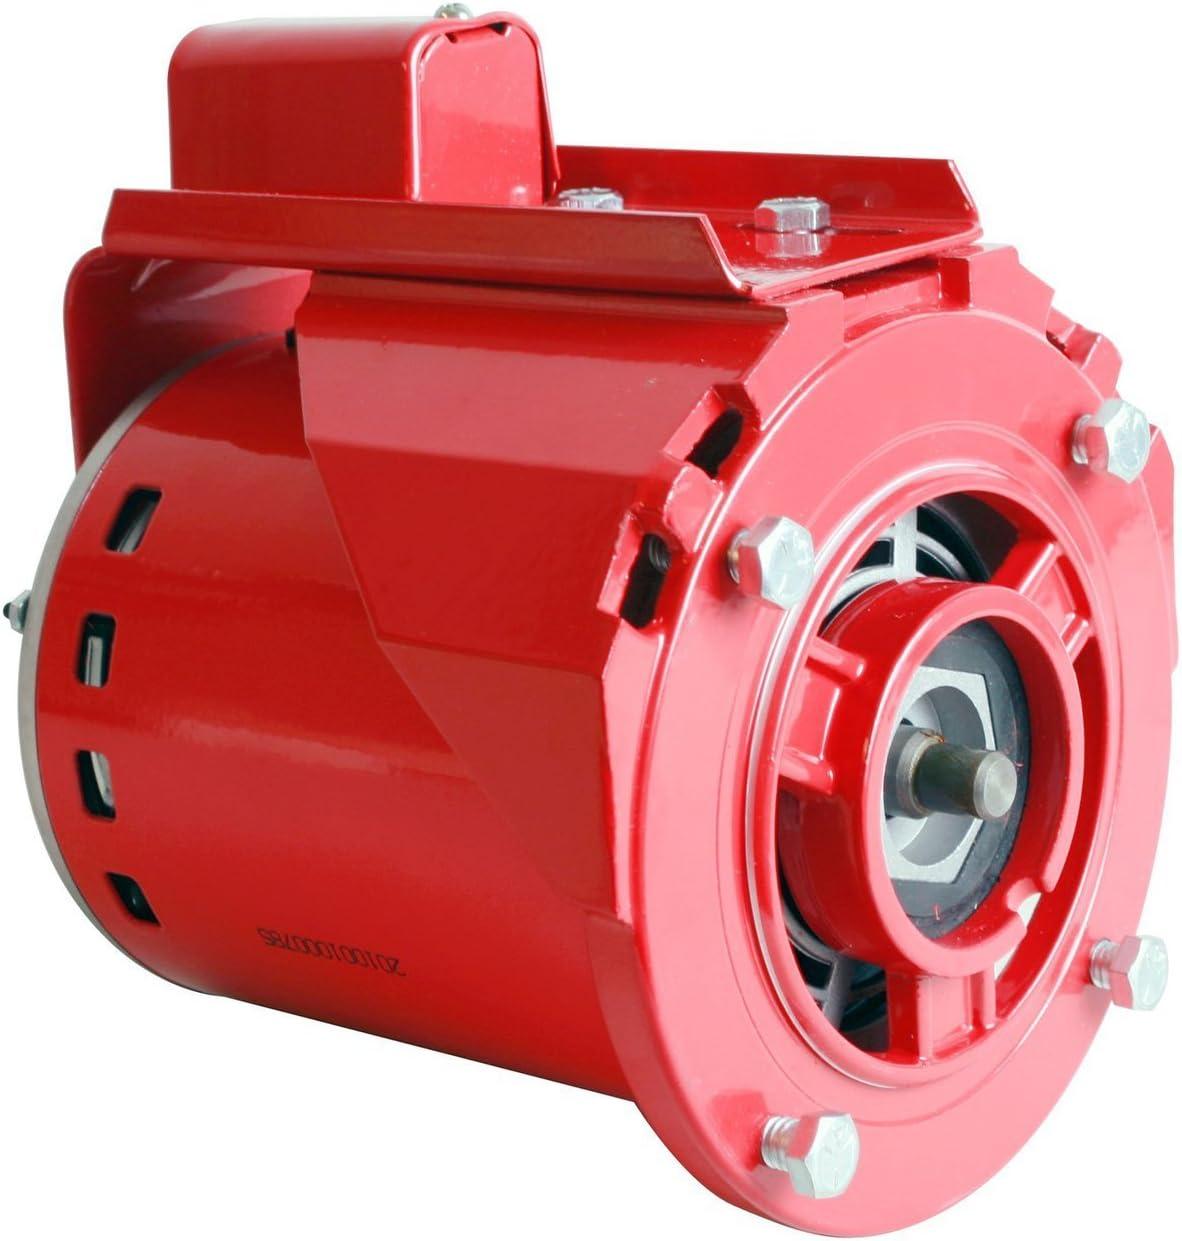 1/4 hp 1725 RPM 115V Bell & Gossett Circulator Pump Replacement Motor # CP-R1444